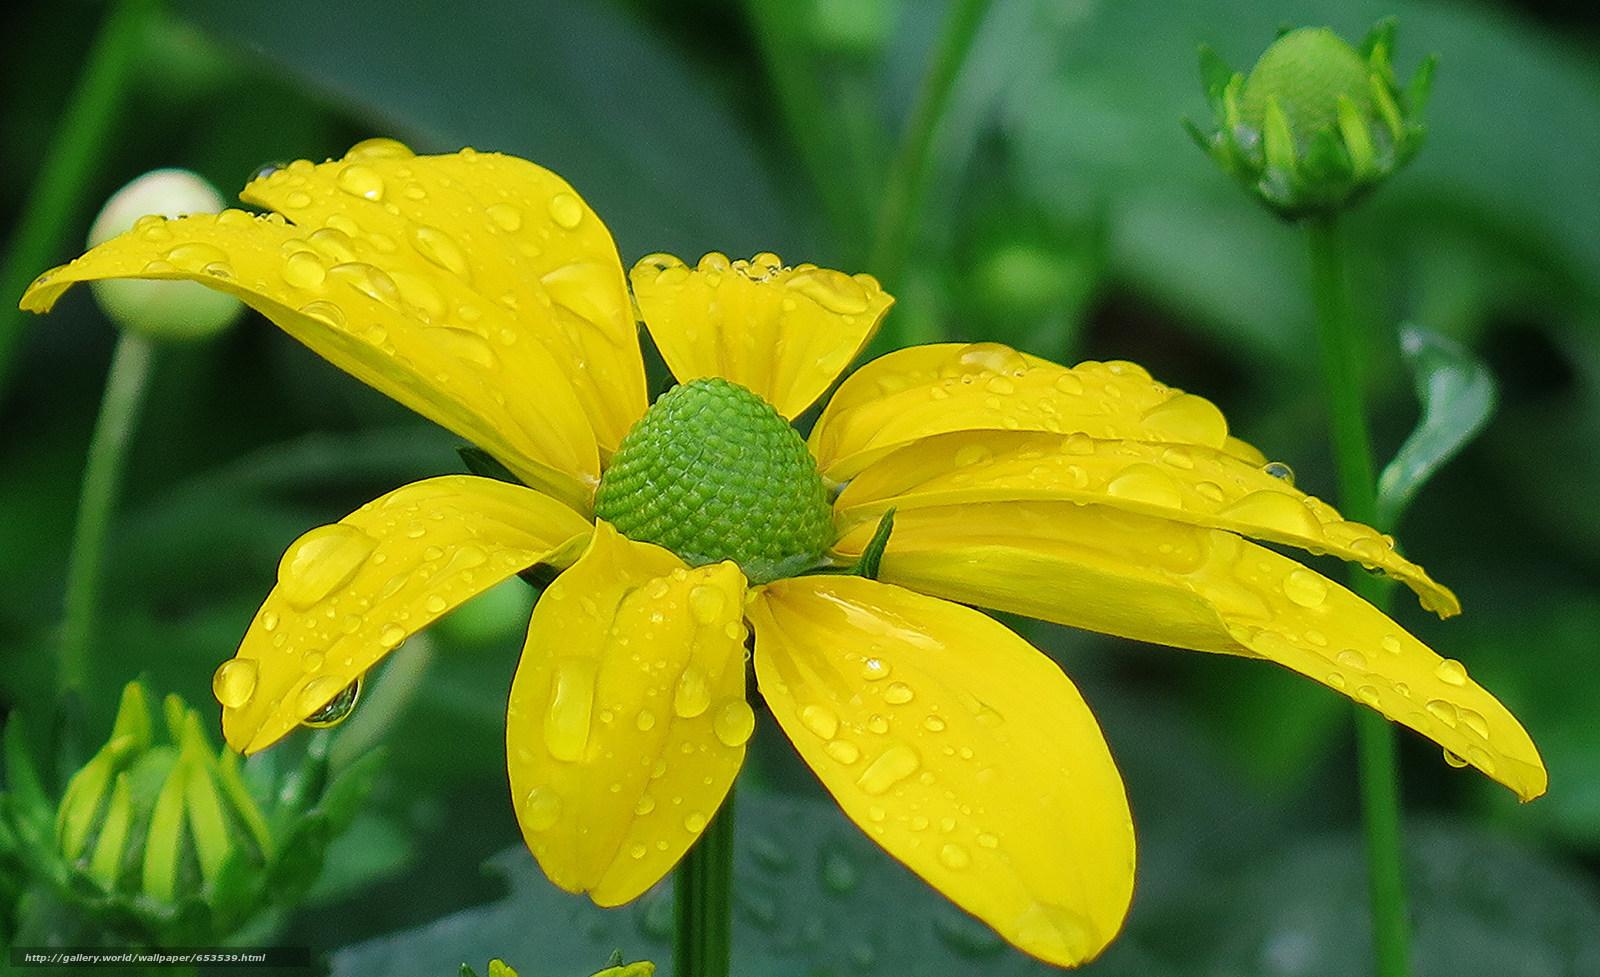 Скачать обои цветы,  цветок,  макро,  красивый цветок бесплатно для рабочего стола в разрешении 2048x1251 — картинка №653539